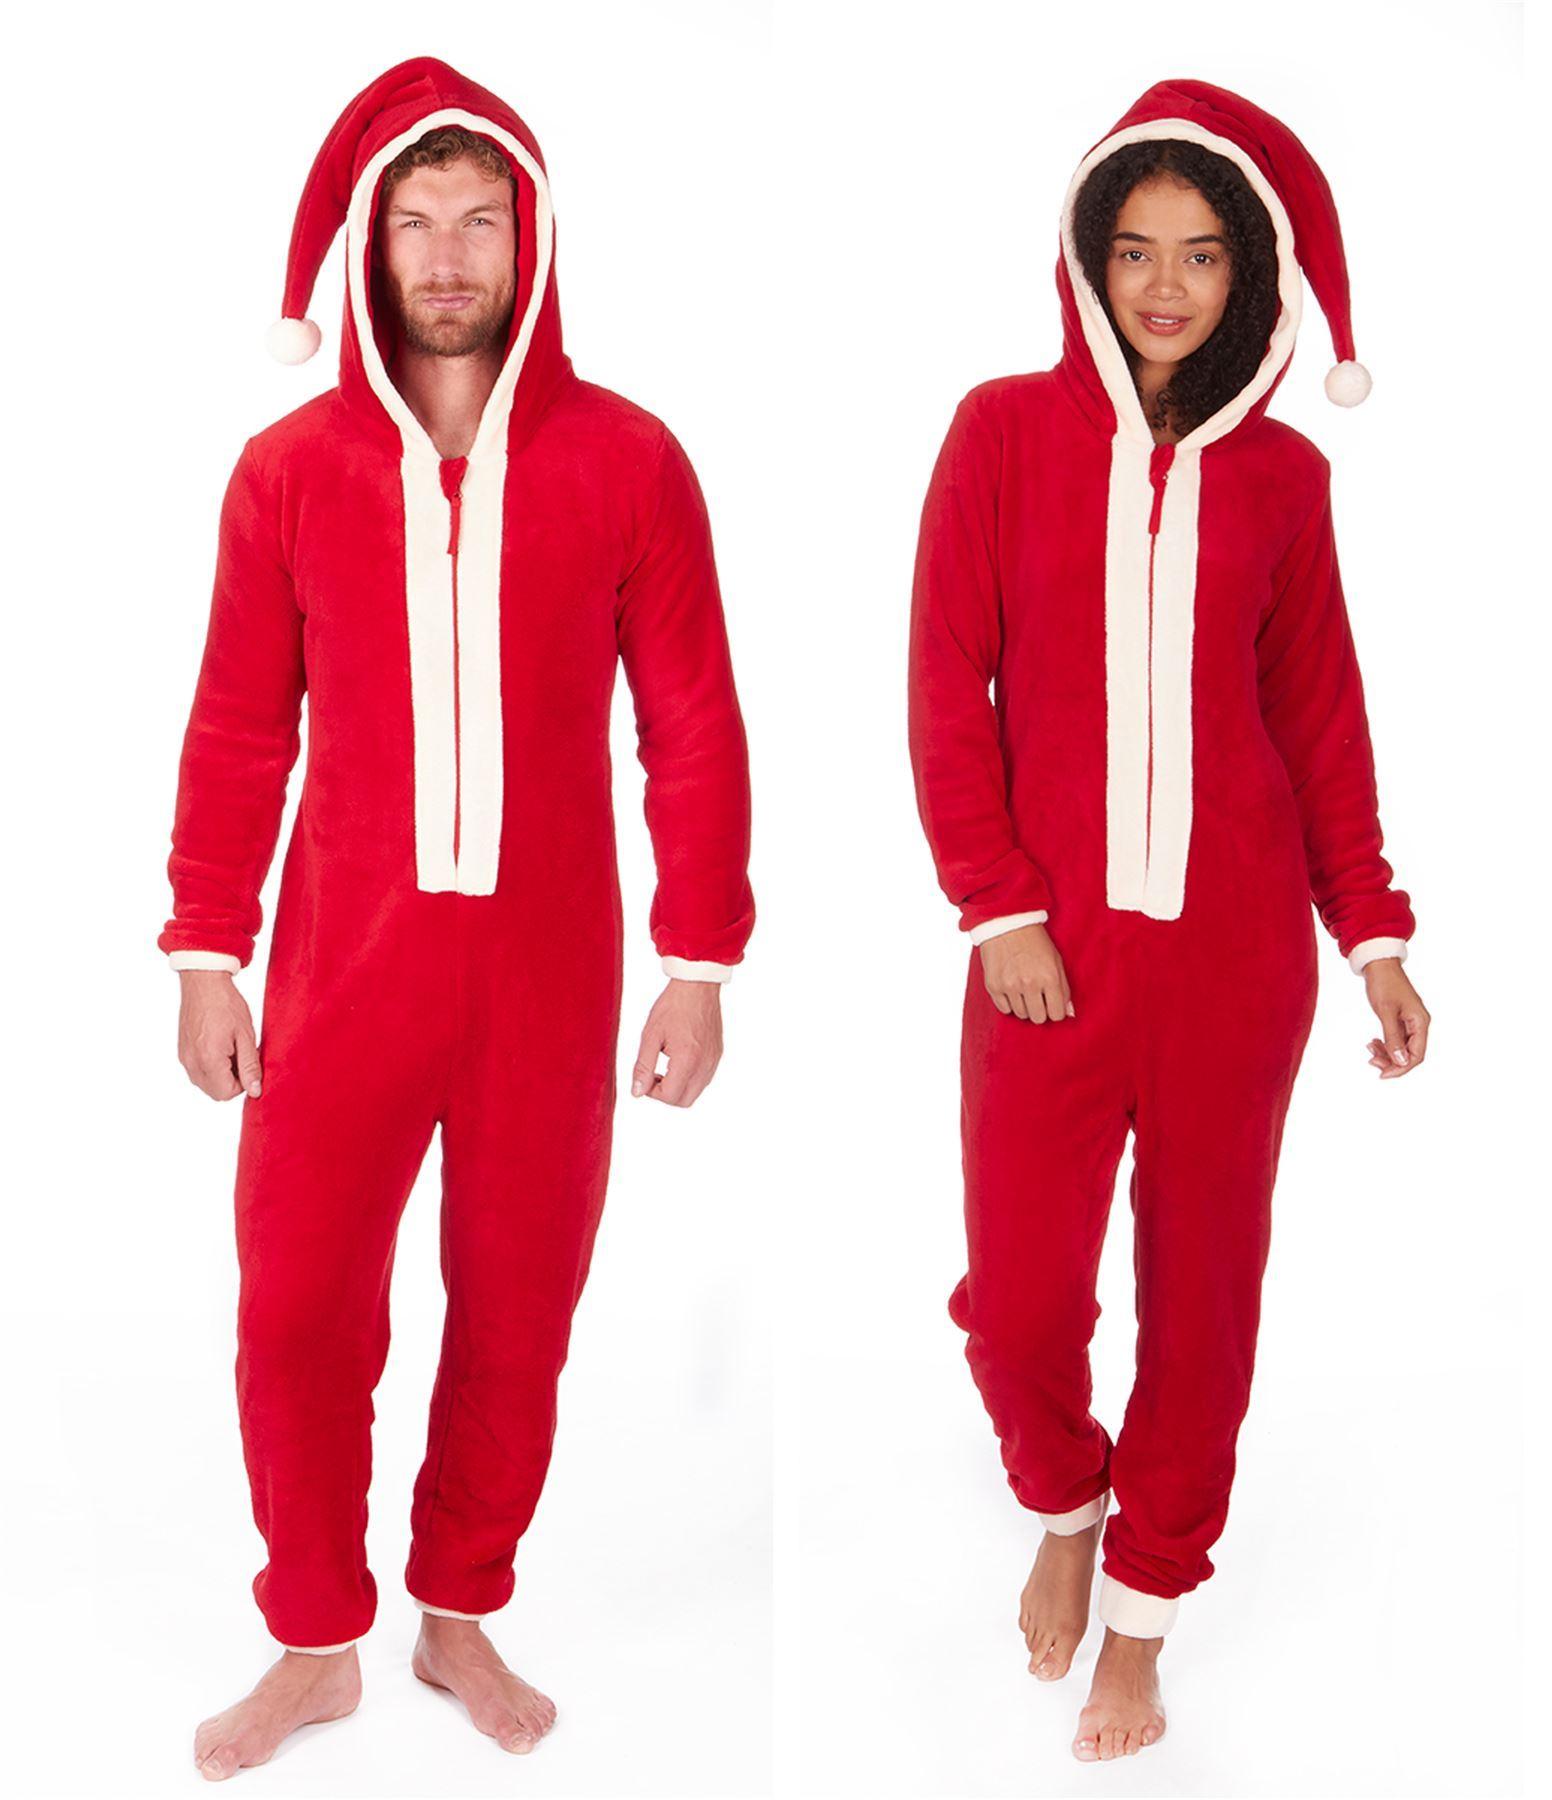 negozio online 8e69c 08e1a Unisex Babbo Natale di Pile con Cappuccio Tutto in uno, Uomo ...